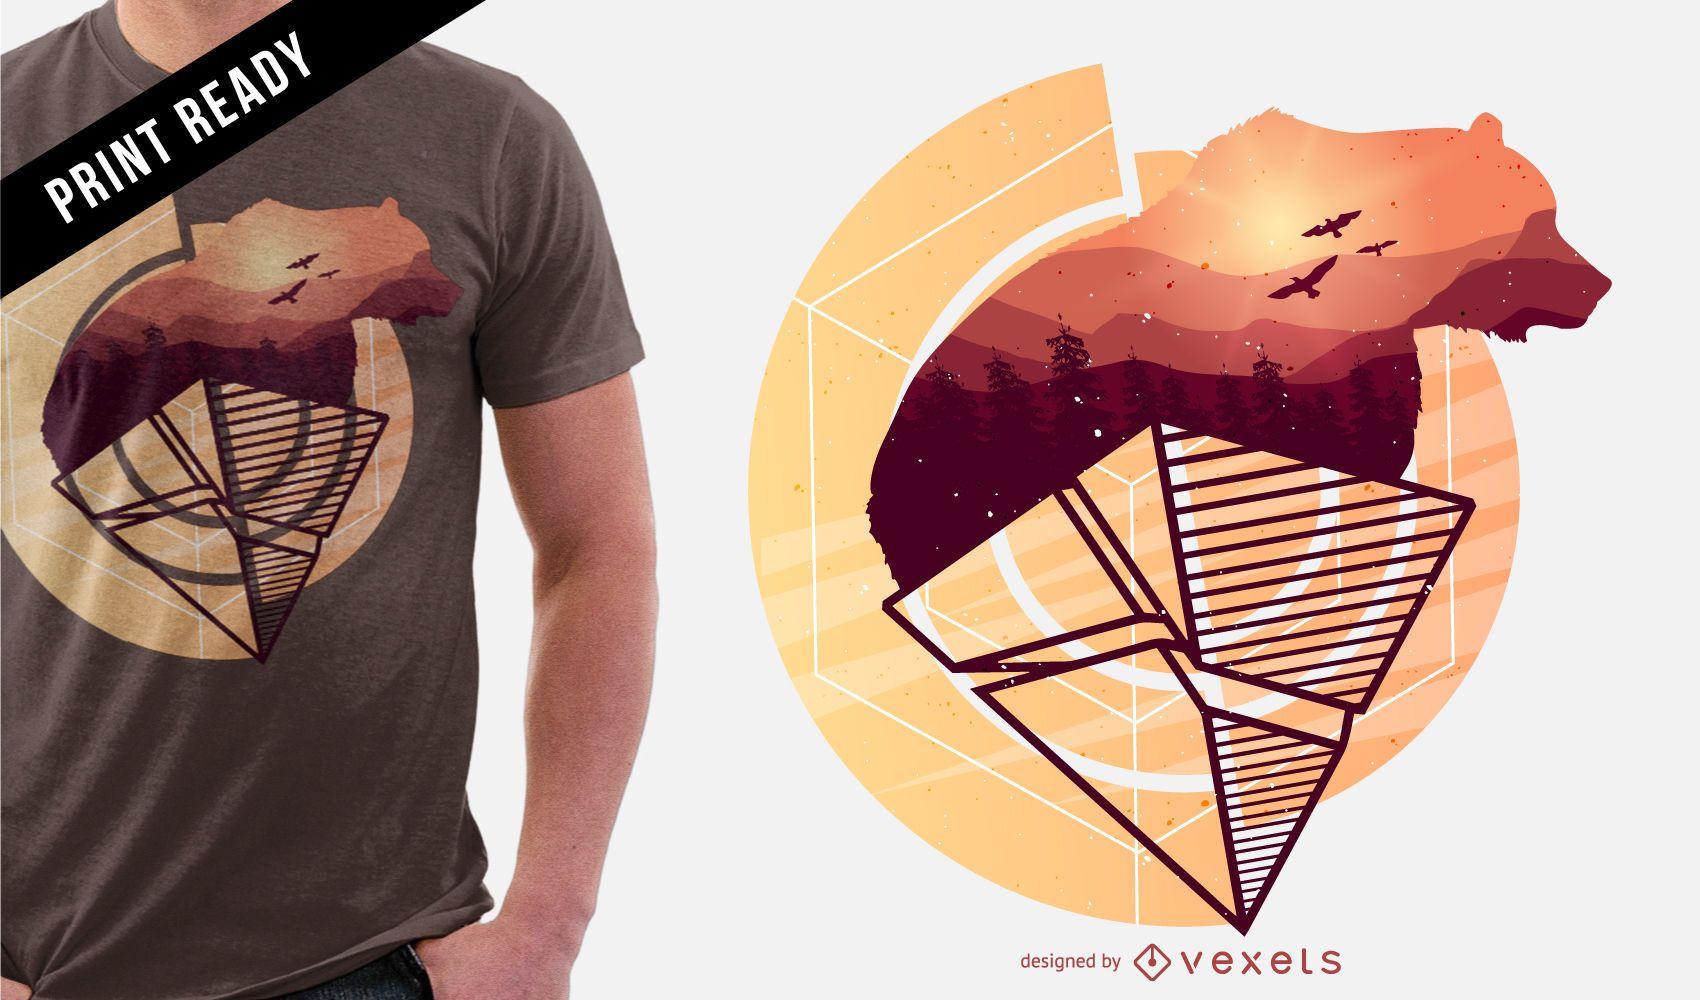 Abstract bear t-shirt design